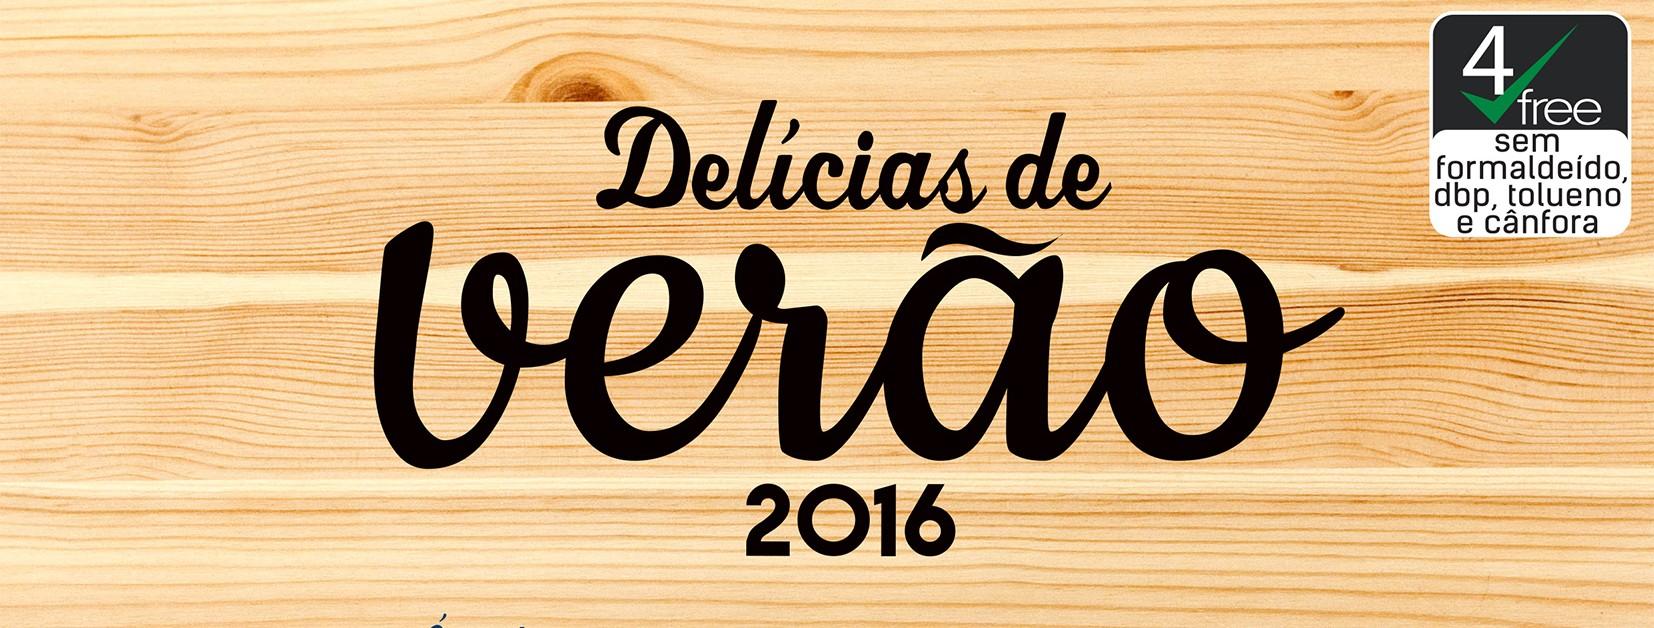 Hits Speciallità lança Delícias de Verão 2016